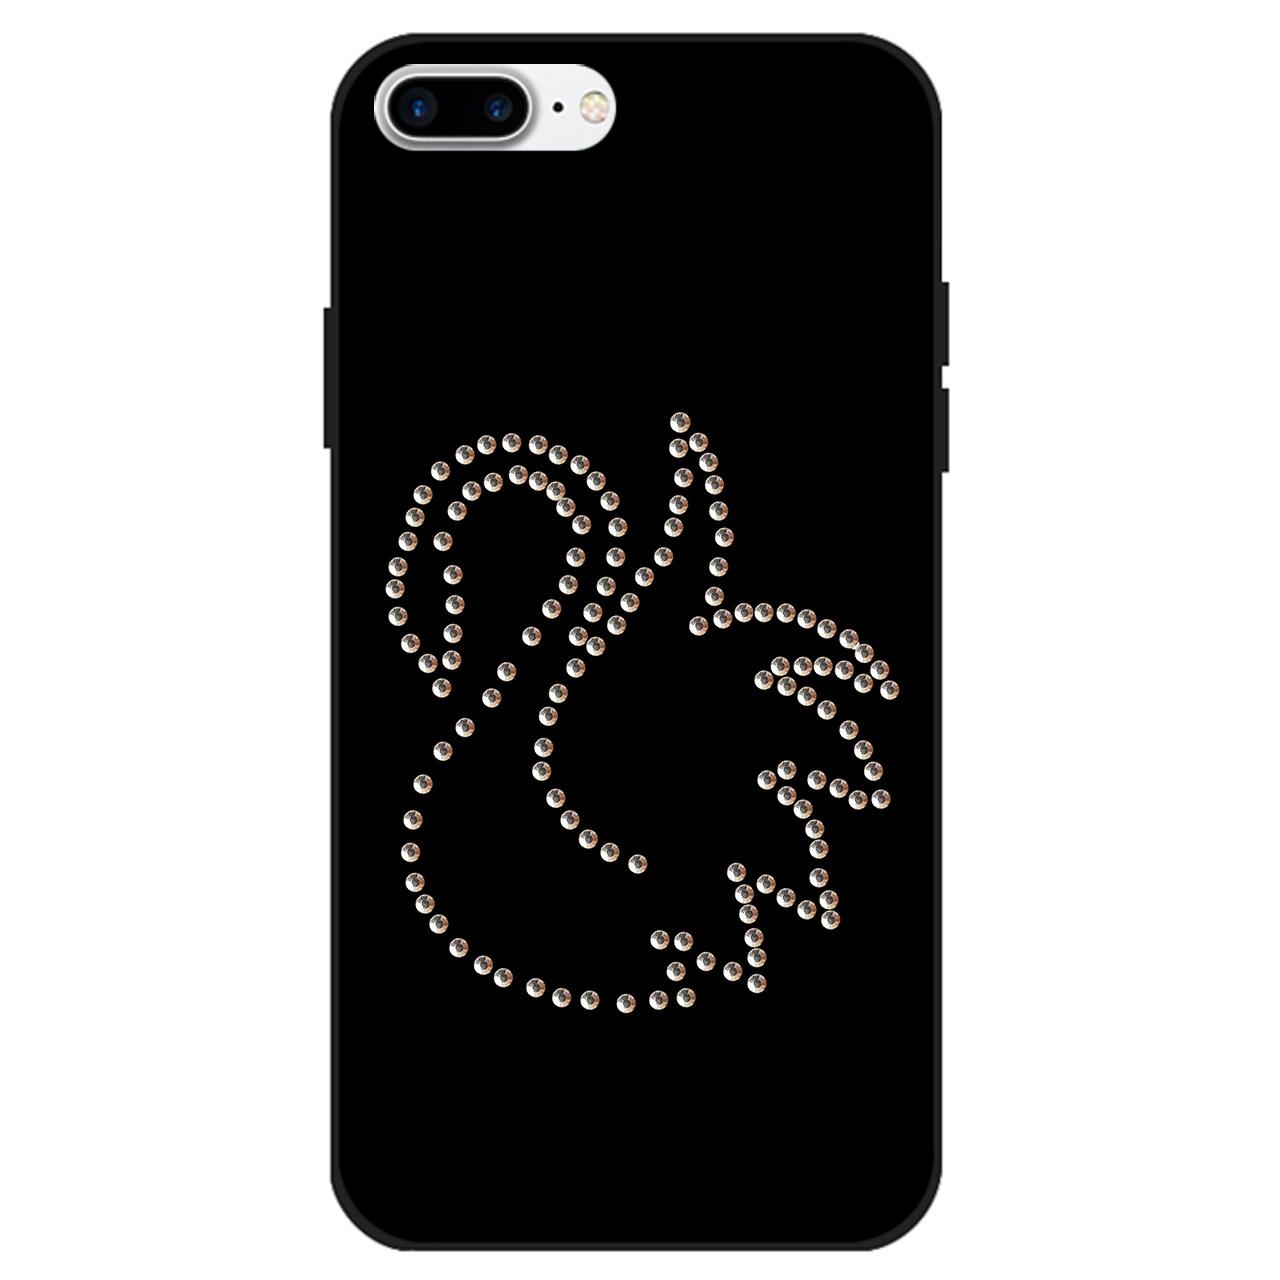 کاور کی اچ کد 225 مناسب برای گوشی موبایل اپل  Iphone 8 main 1 1